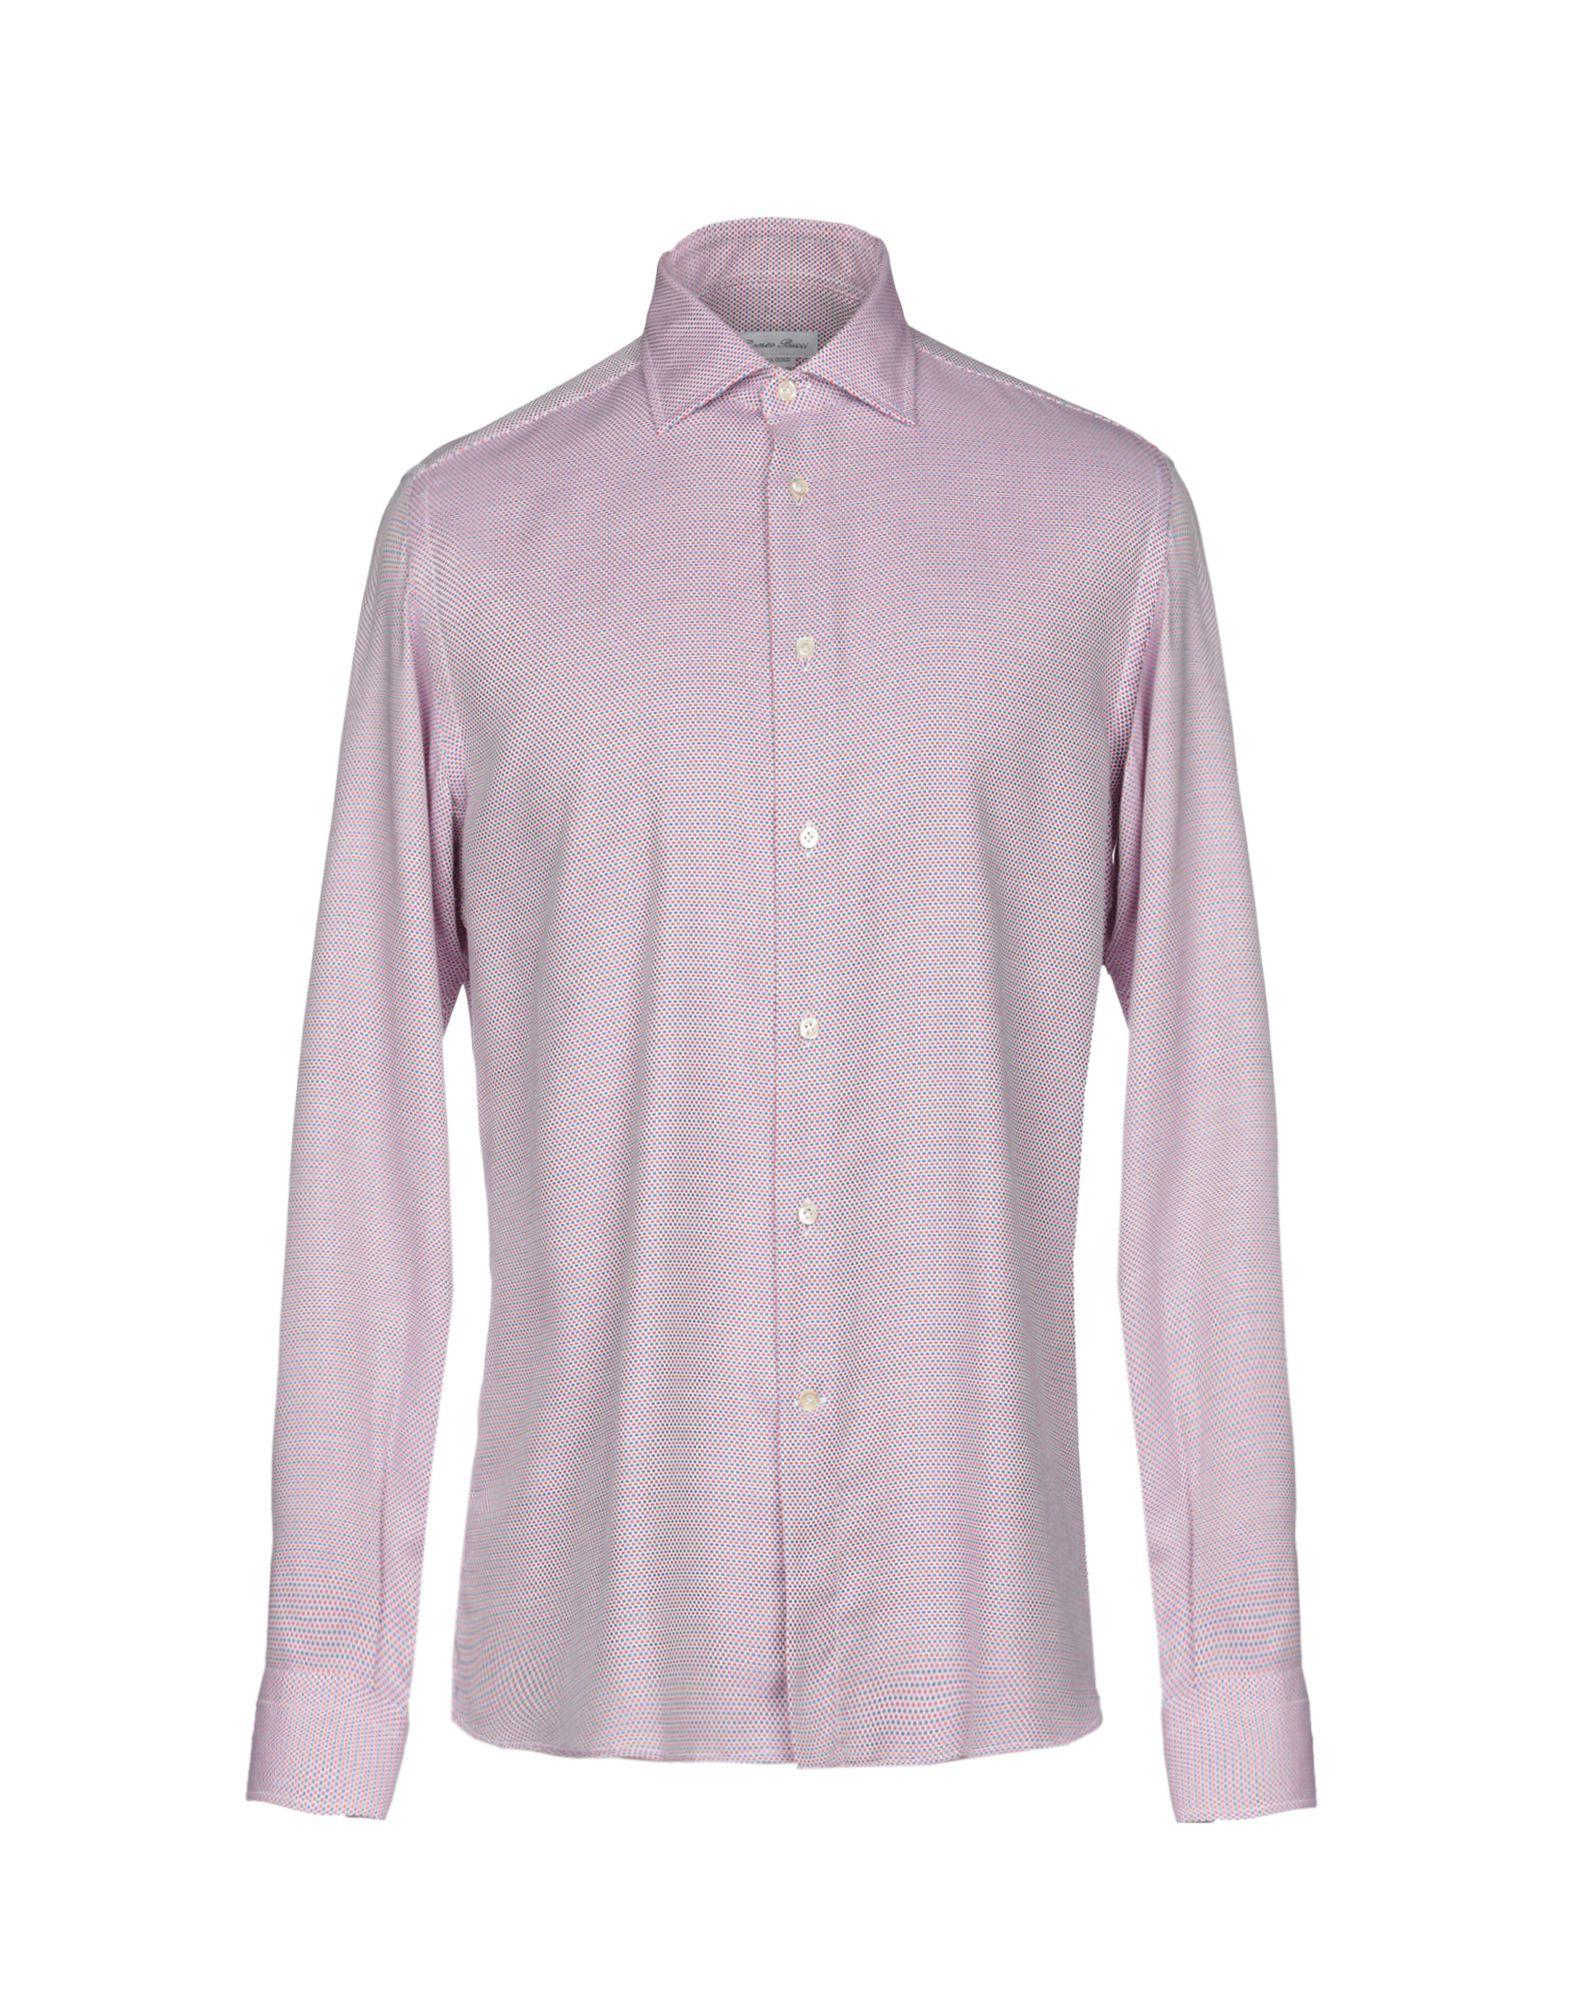 ROMEO BUCCI | ROMEO BUCCI Shirts 38773074 | Goxip